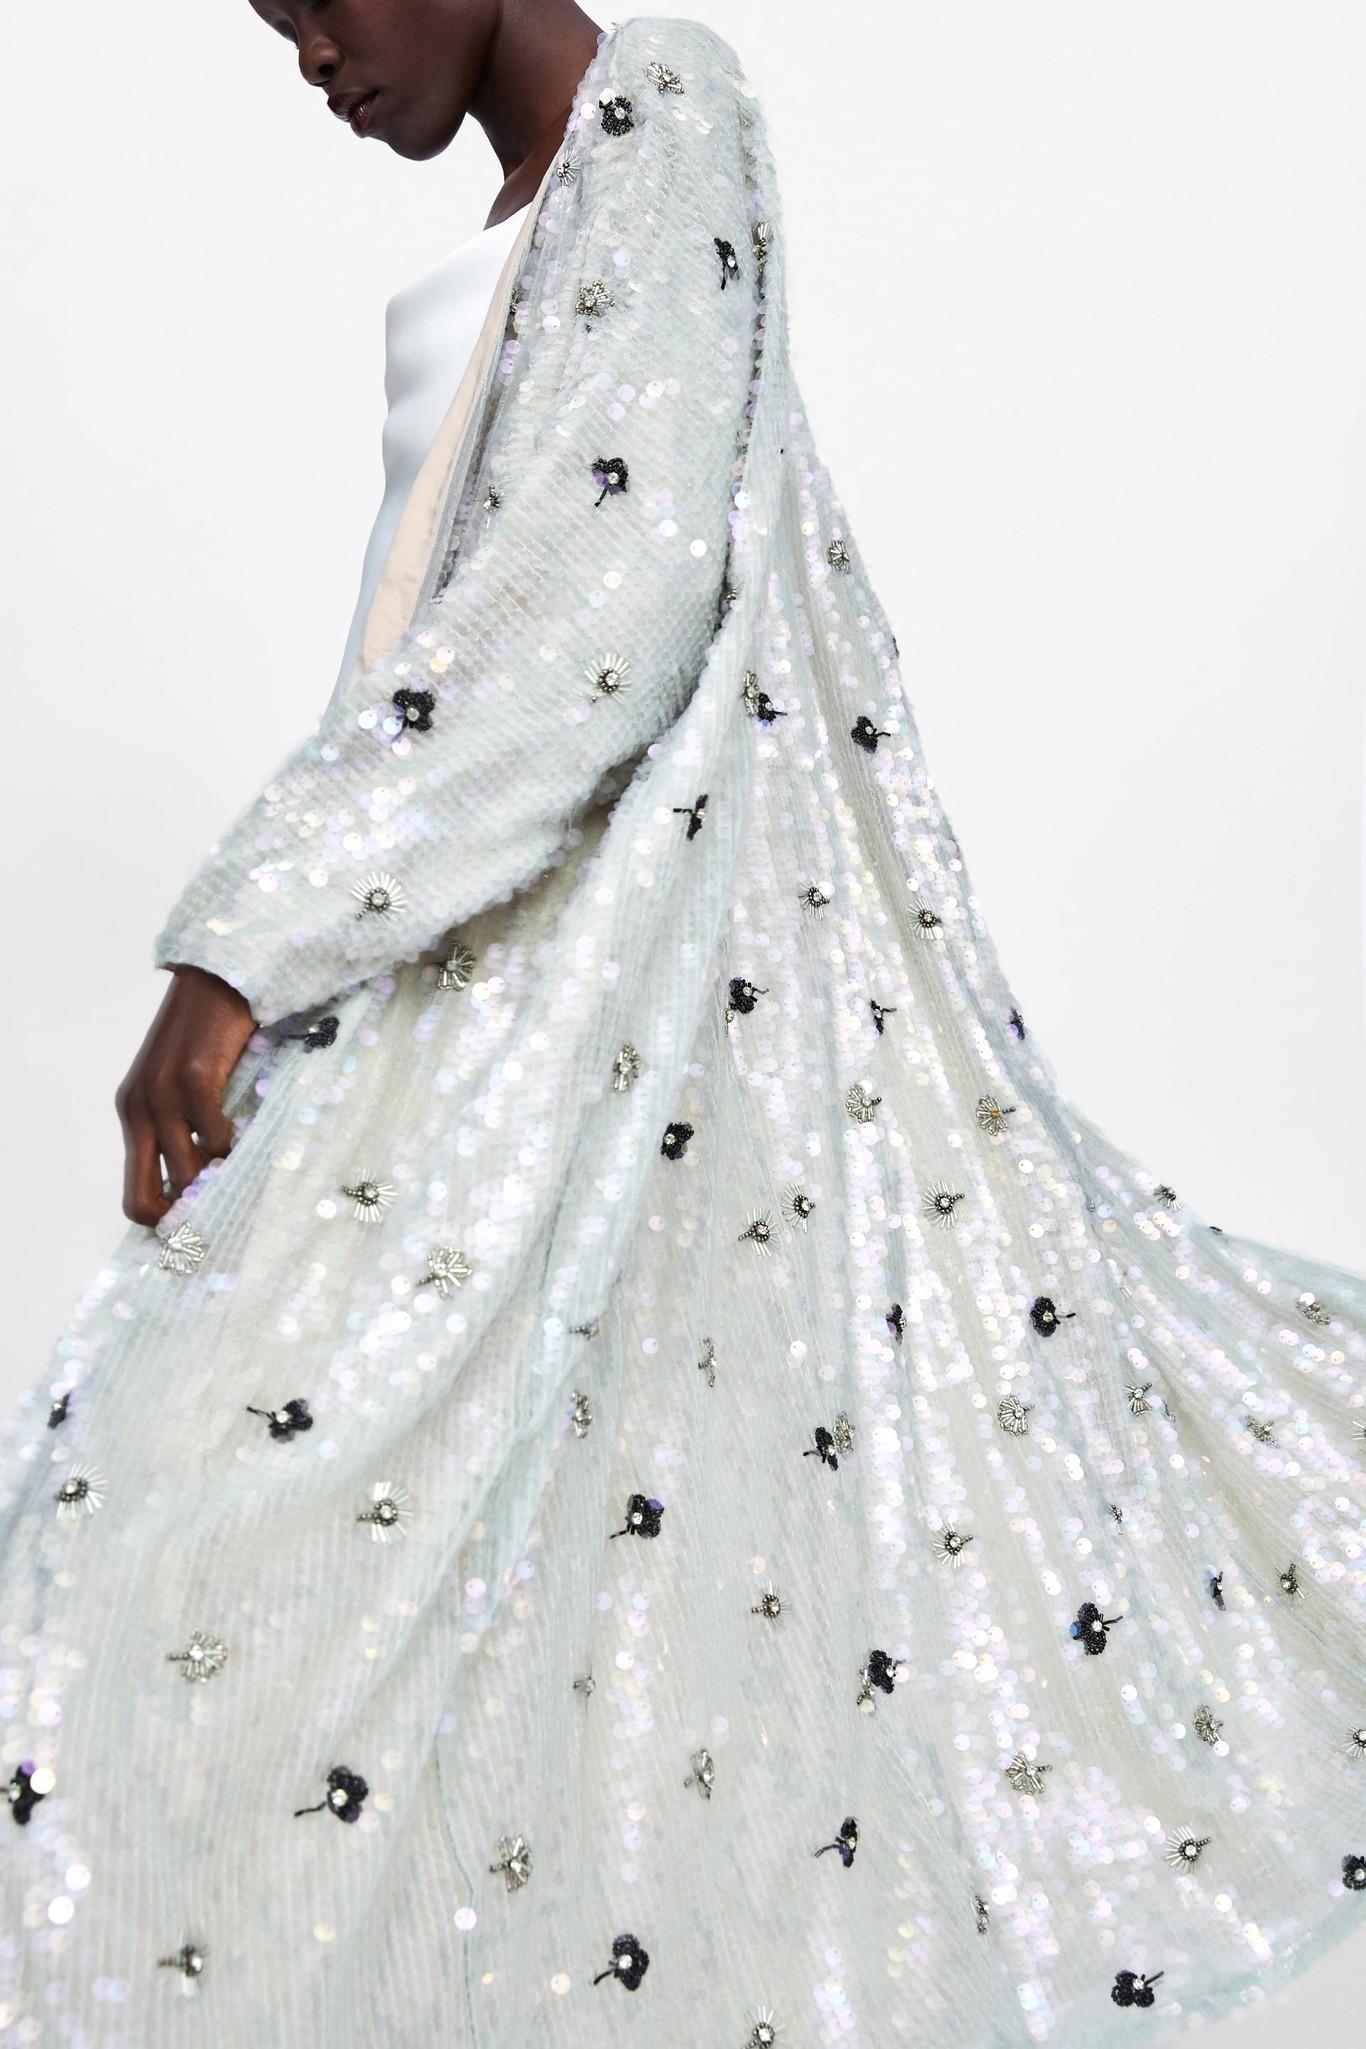 ac532cb15 Zara tiene en su nueva colección estas 7 prendas de fiesta perfectas para  ser la invitada ideal